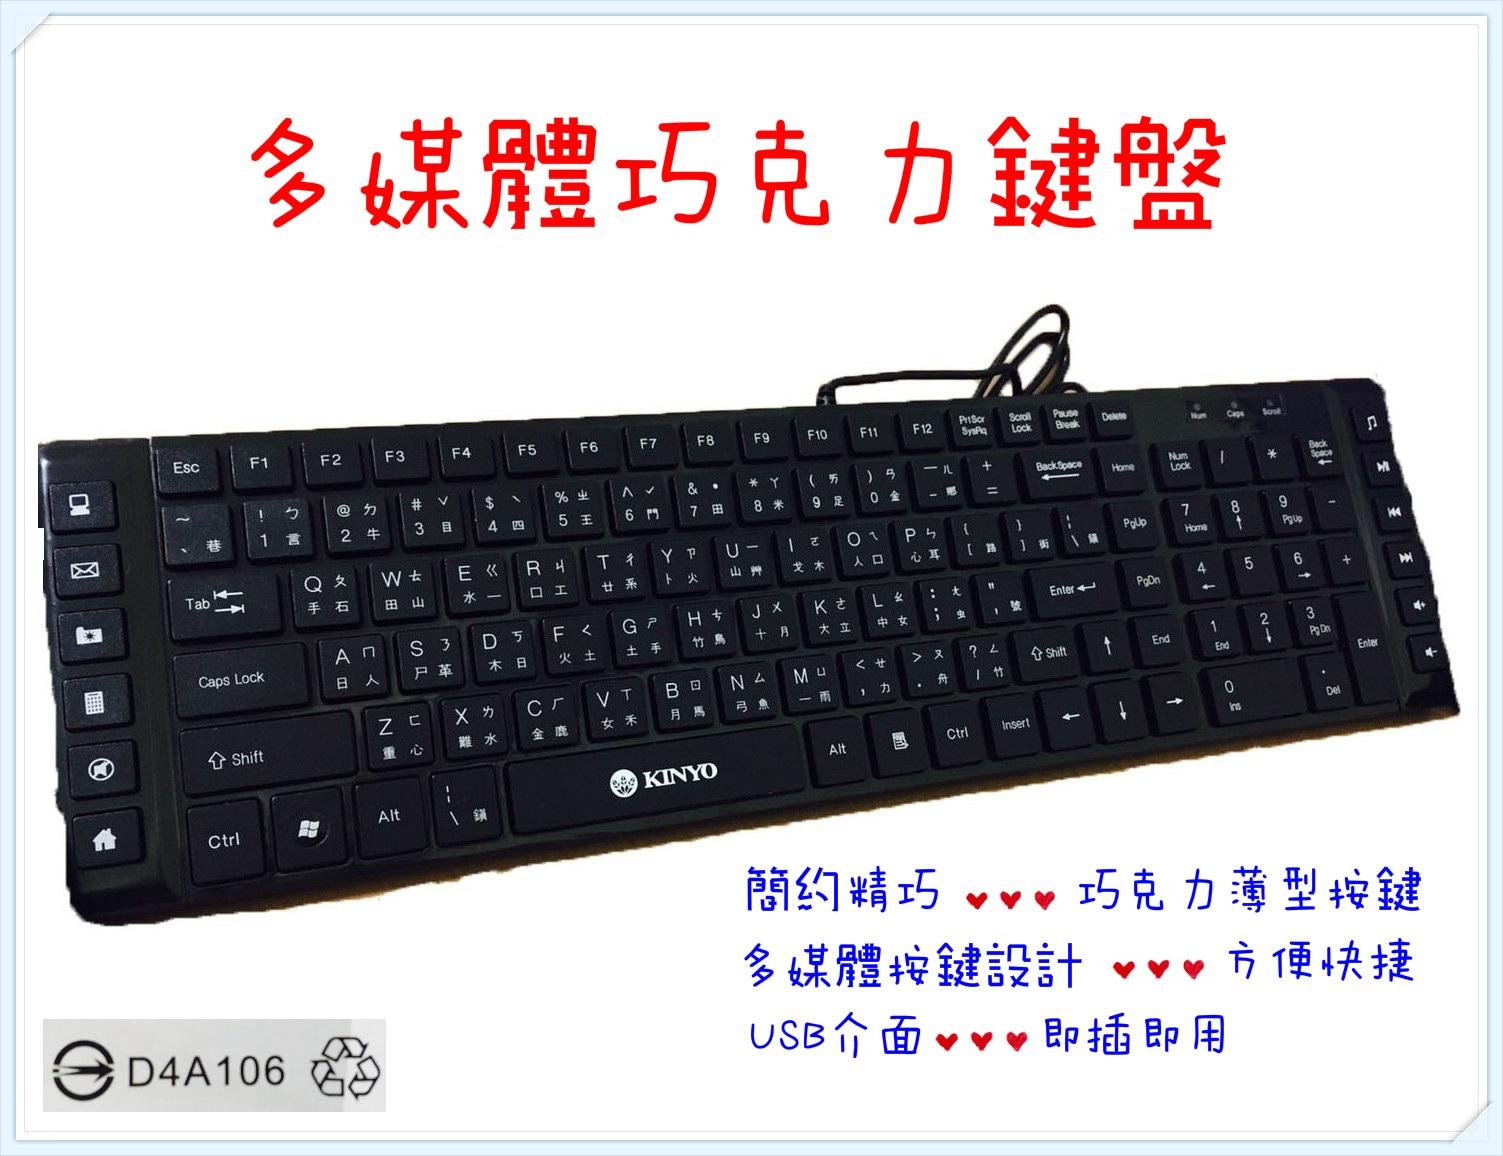 ❤含發票❤【KINYO-多媒體巧克力鍵盤】❤鍵盤/巧克力/傾斜角架/USB/電腦周邊/電競周邊/音響/滑鼠/喇叭❤